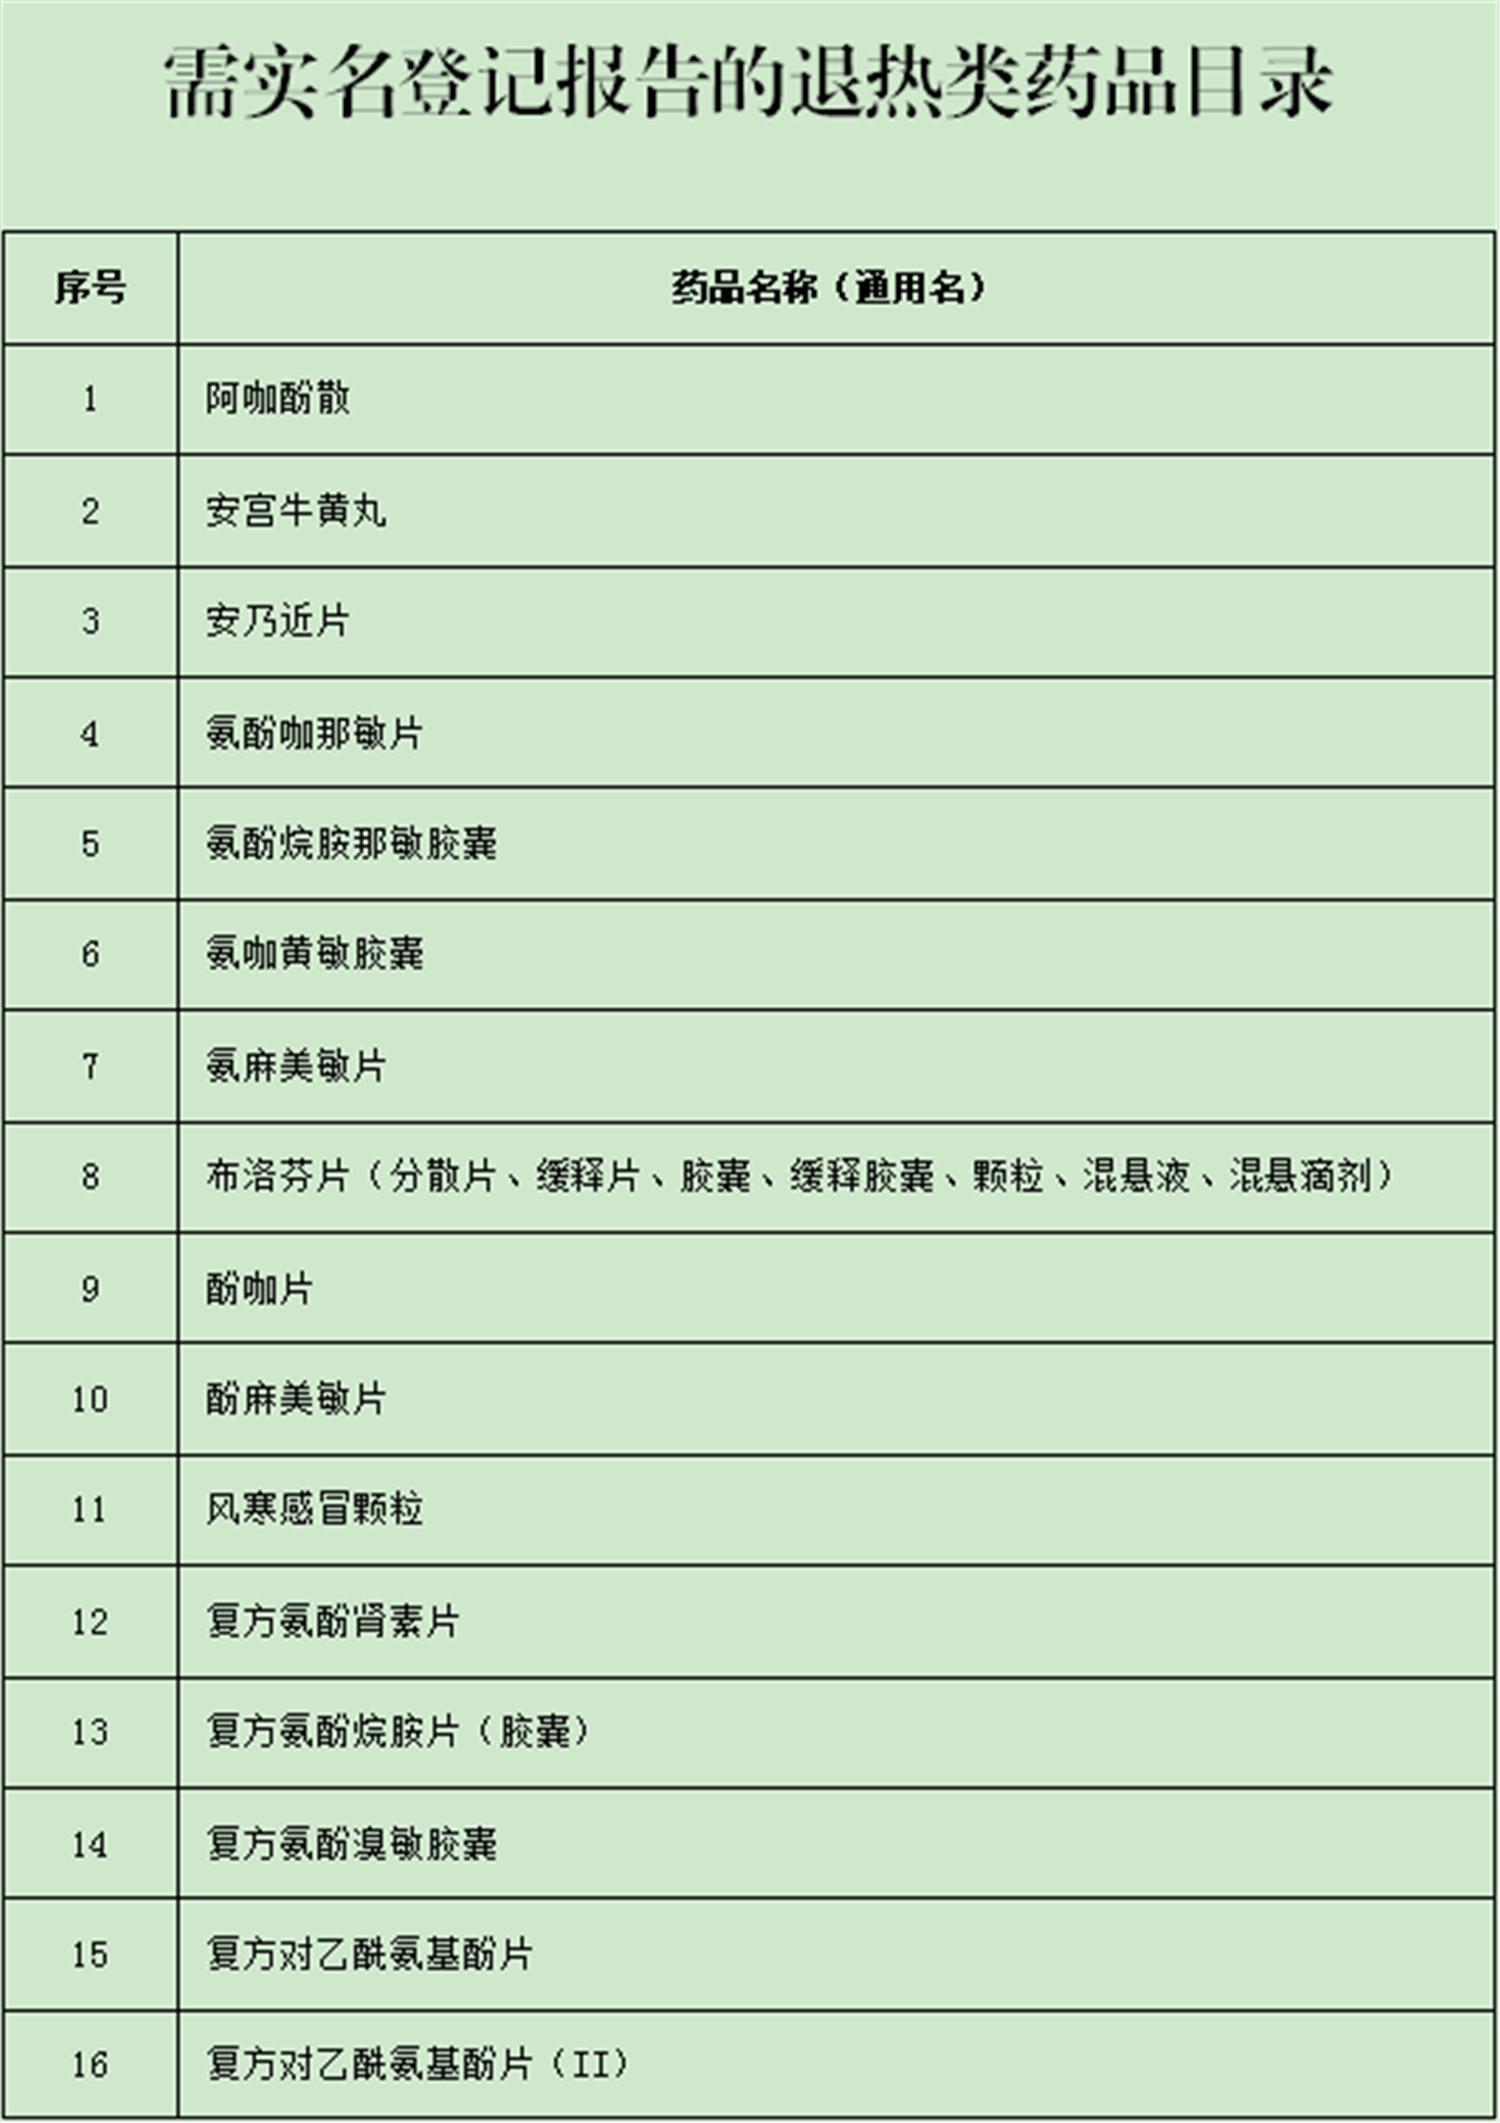 广东:26日起买布洛芬、维C银翘片等43种退热类药均实名登记